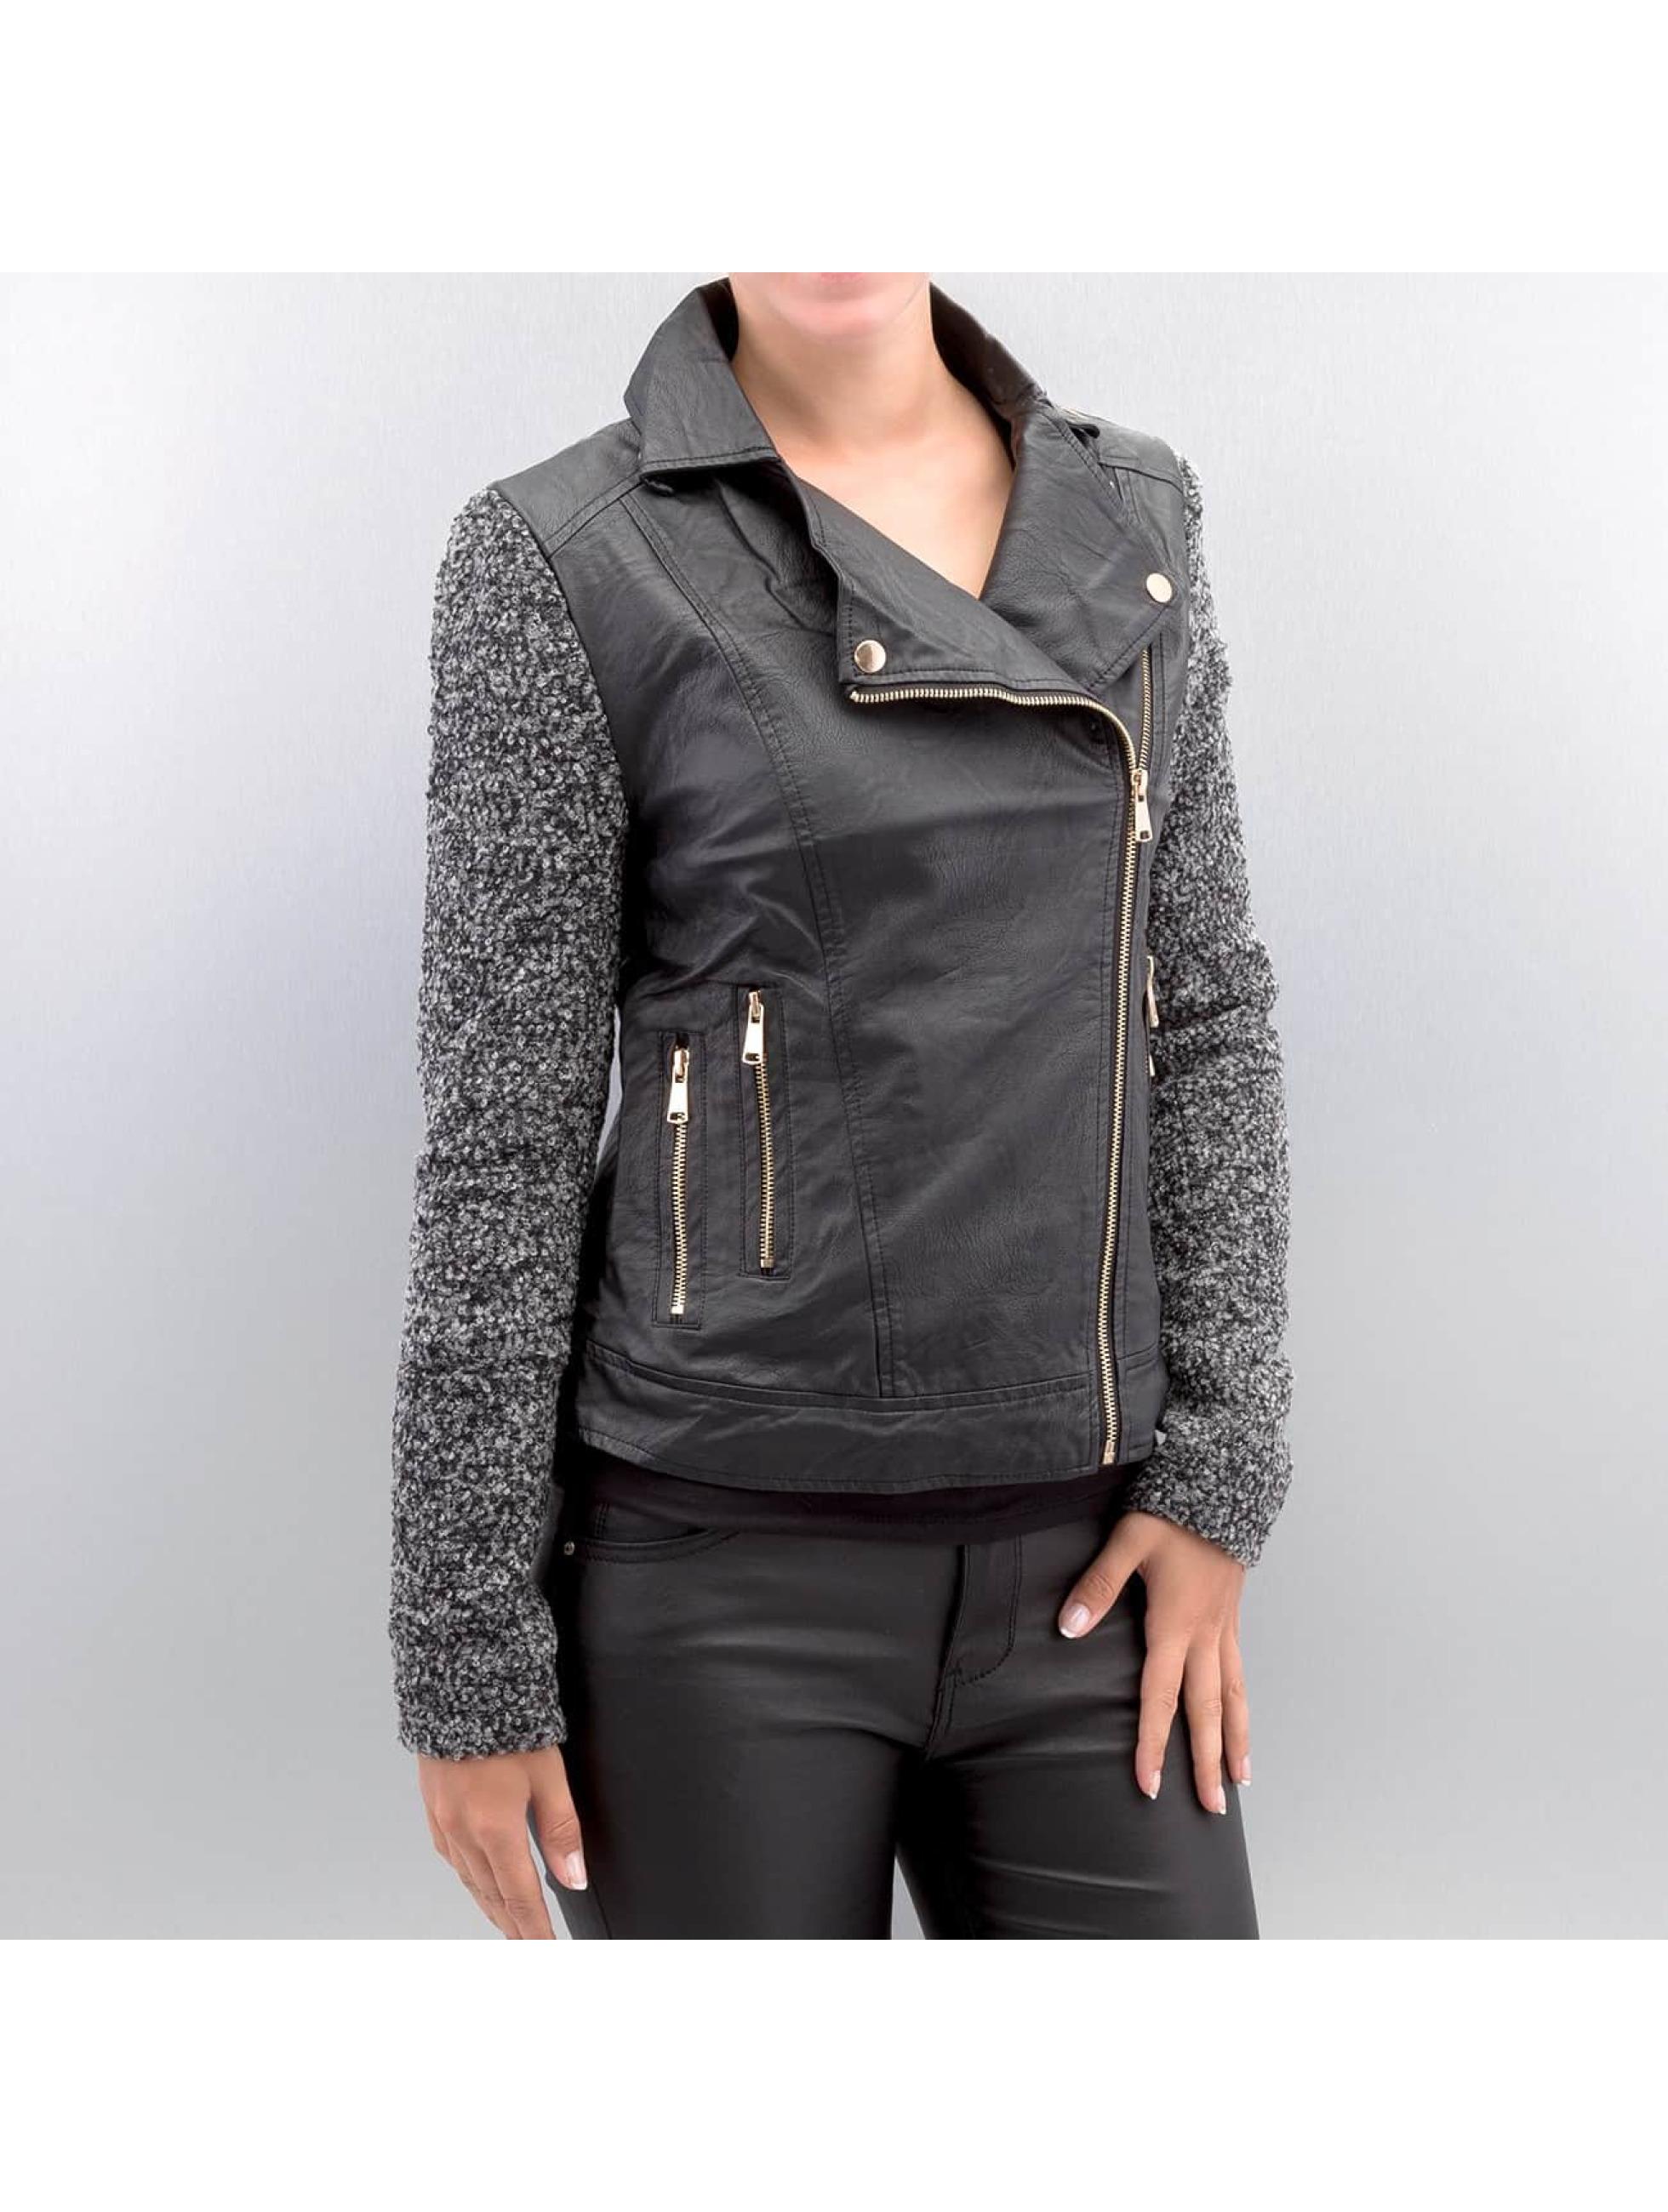 Hailys Lightweight Jacket Ceclilia Pop black